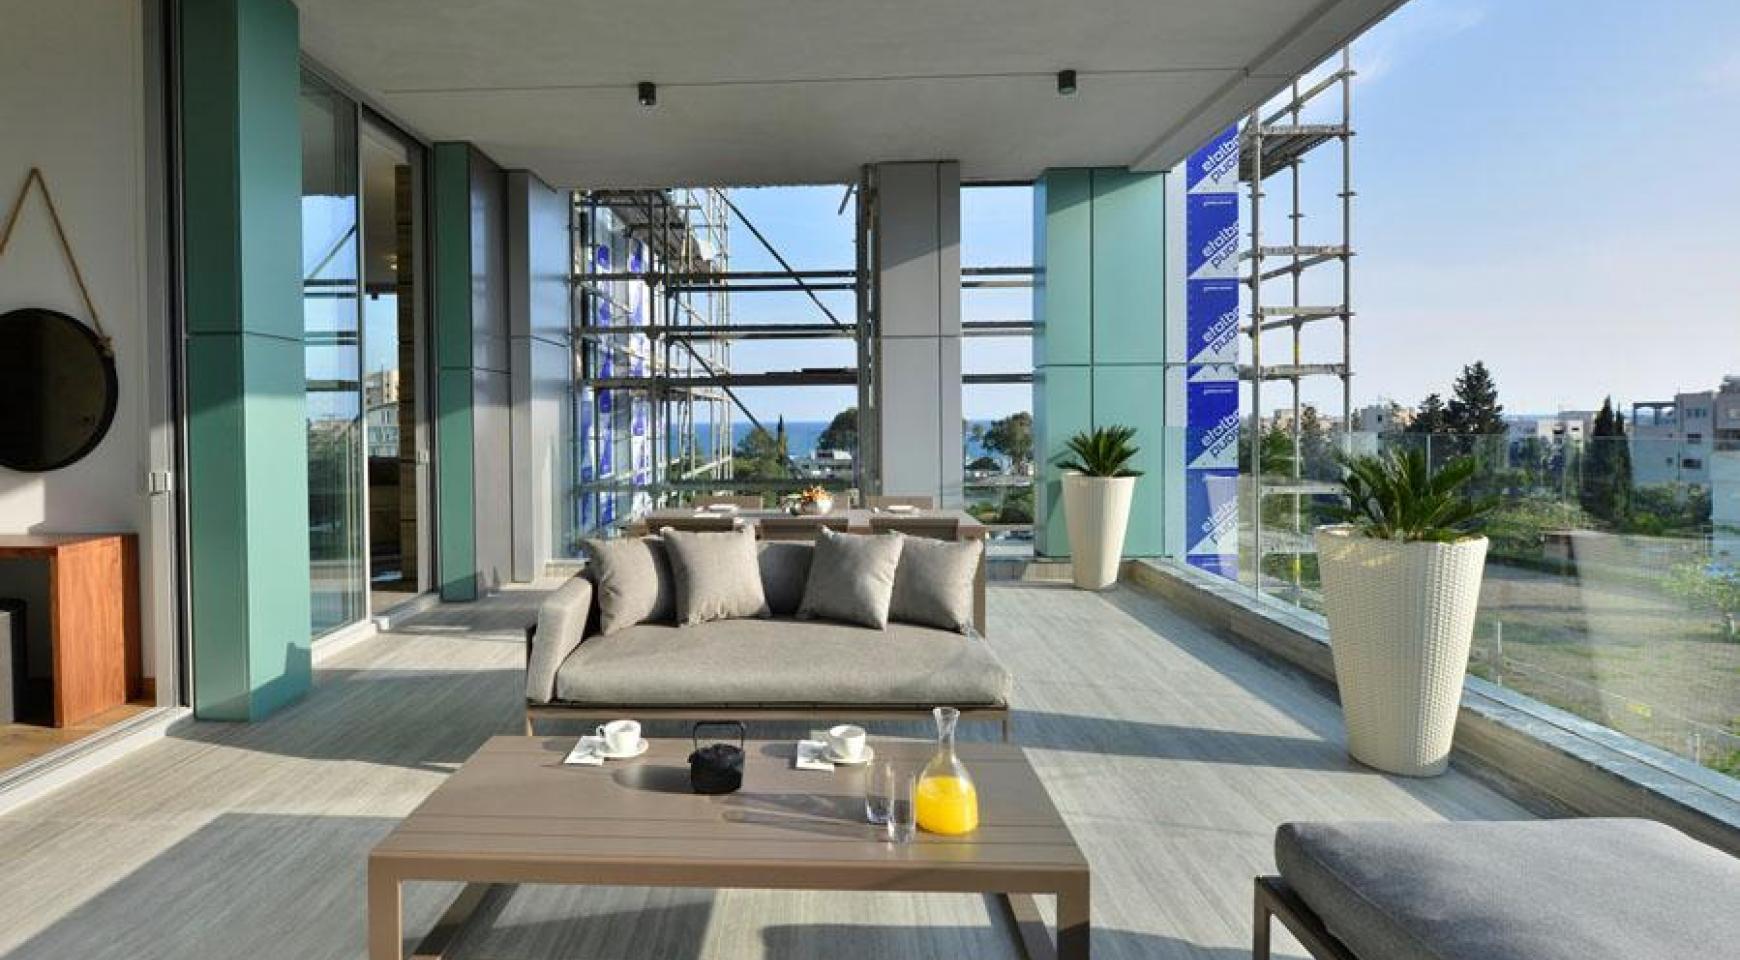 Πολυτελές διαμέρισμα 2 υπνοδωματίων με ταράτσα στο νεόδμητο συγκρότημα - 12